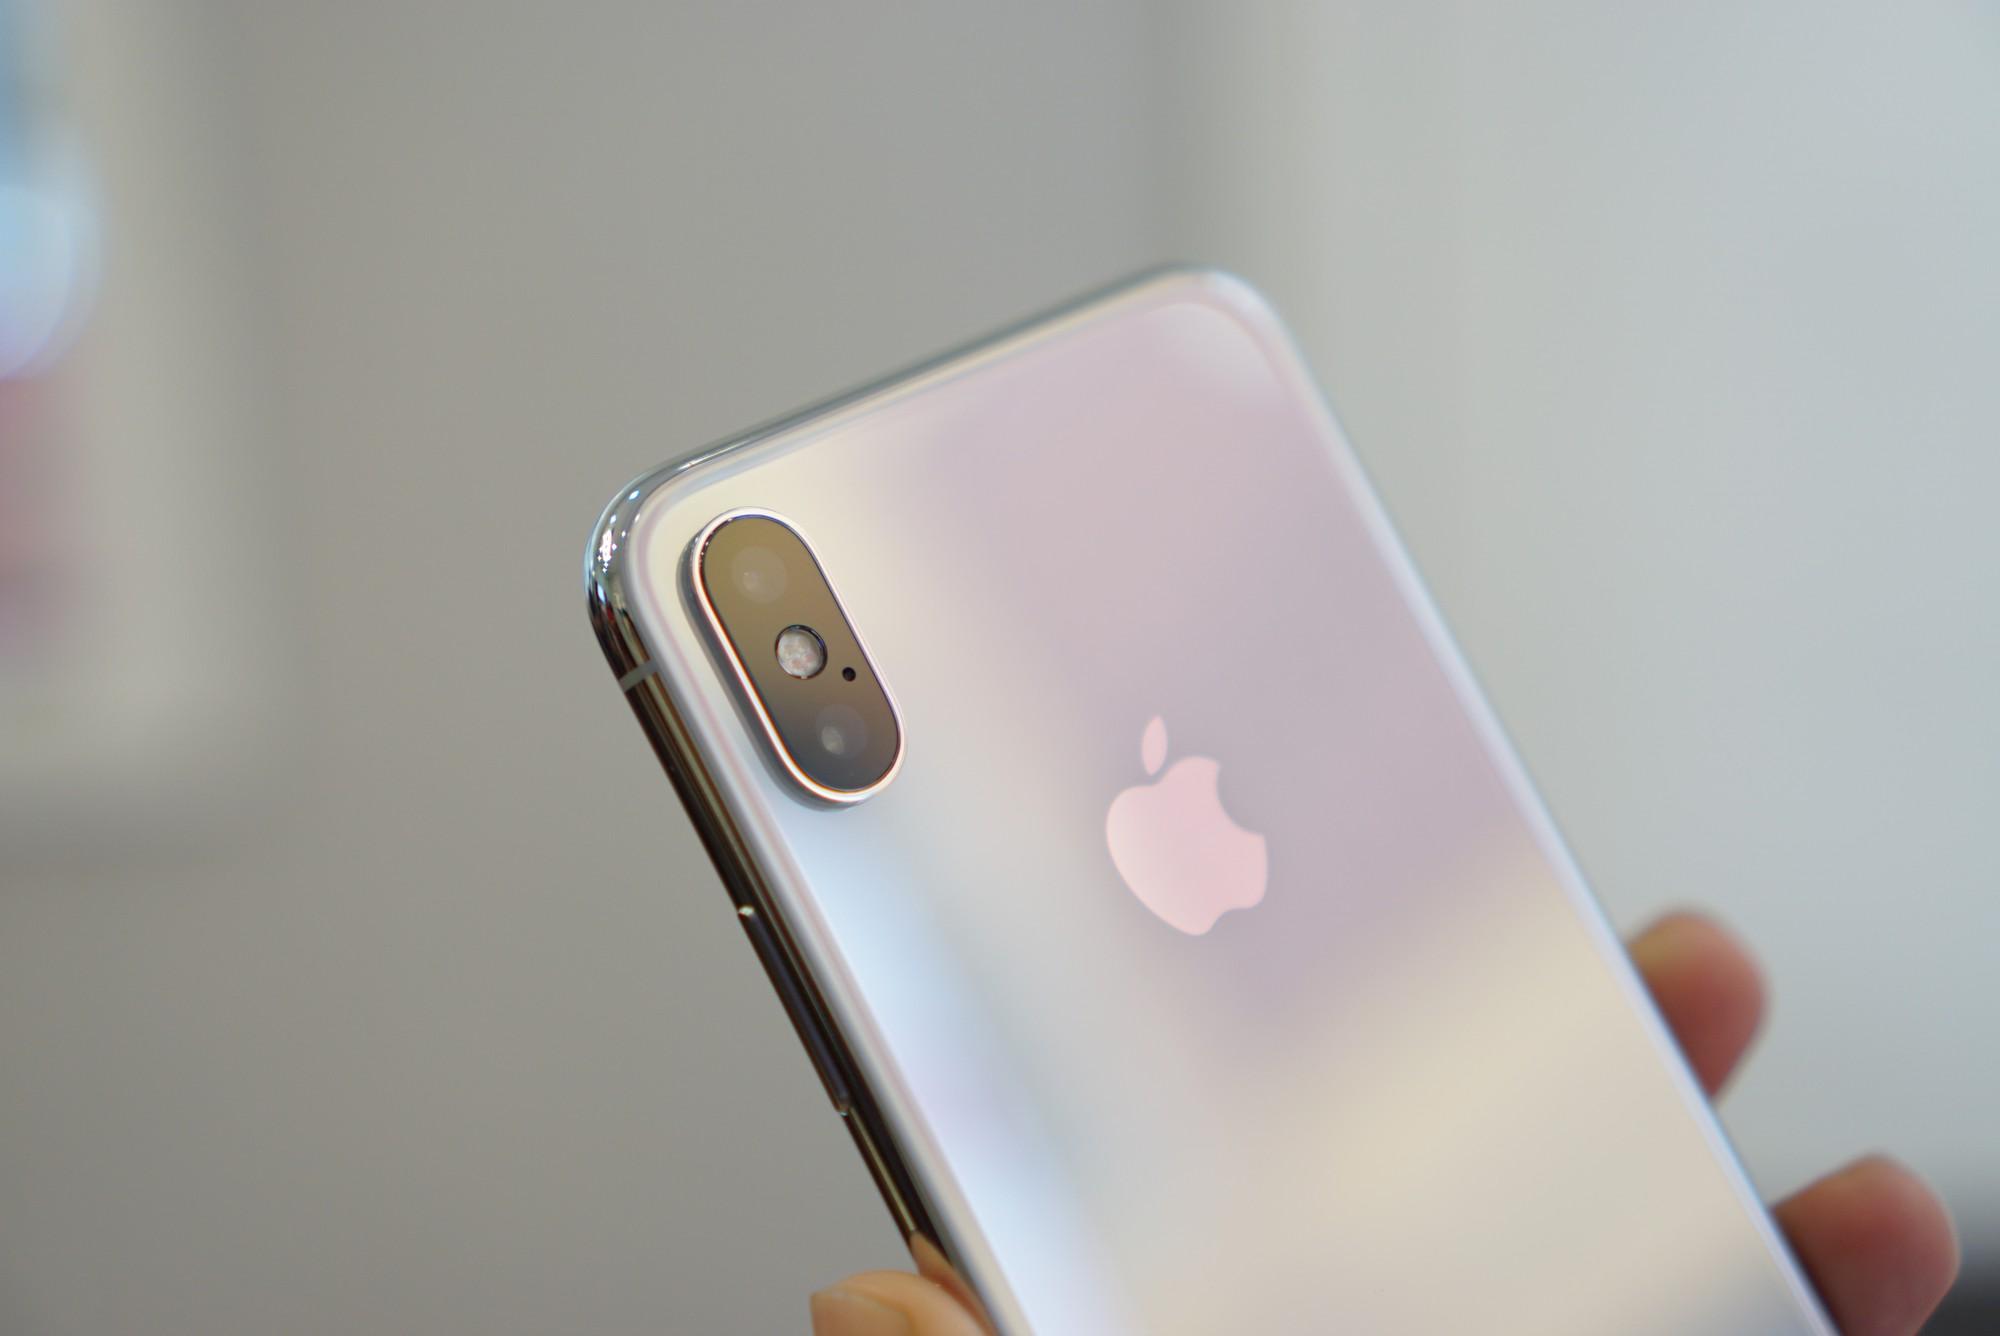 iPhone X giá 68 triệu đây rồi: Màn hình đẹp sắc sảo, thiết kế toàn diện, thao tác hoàn toàn mới 21